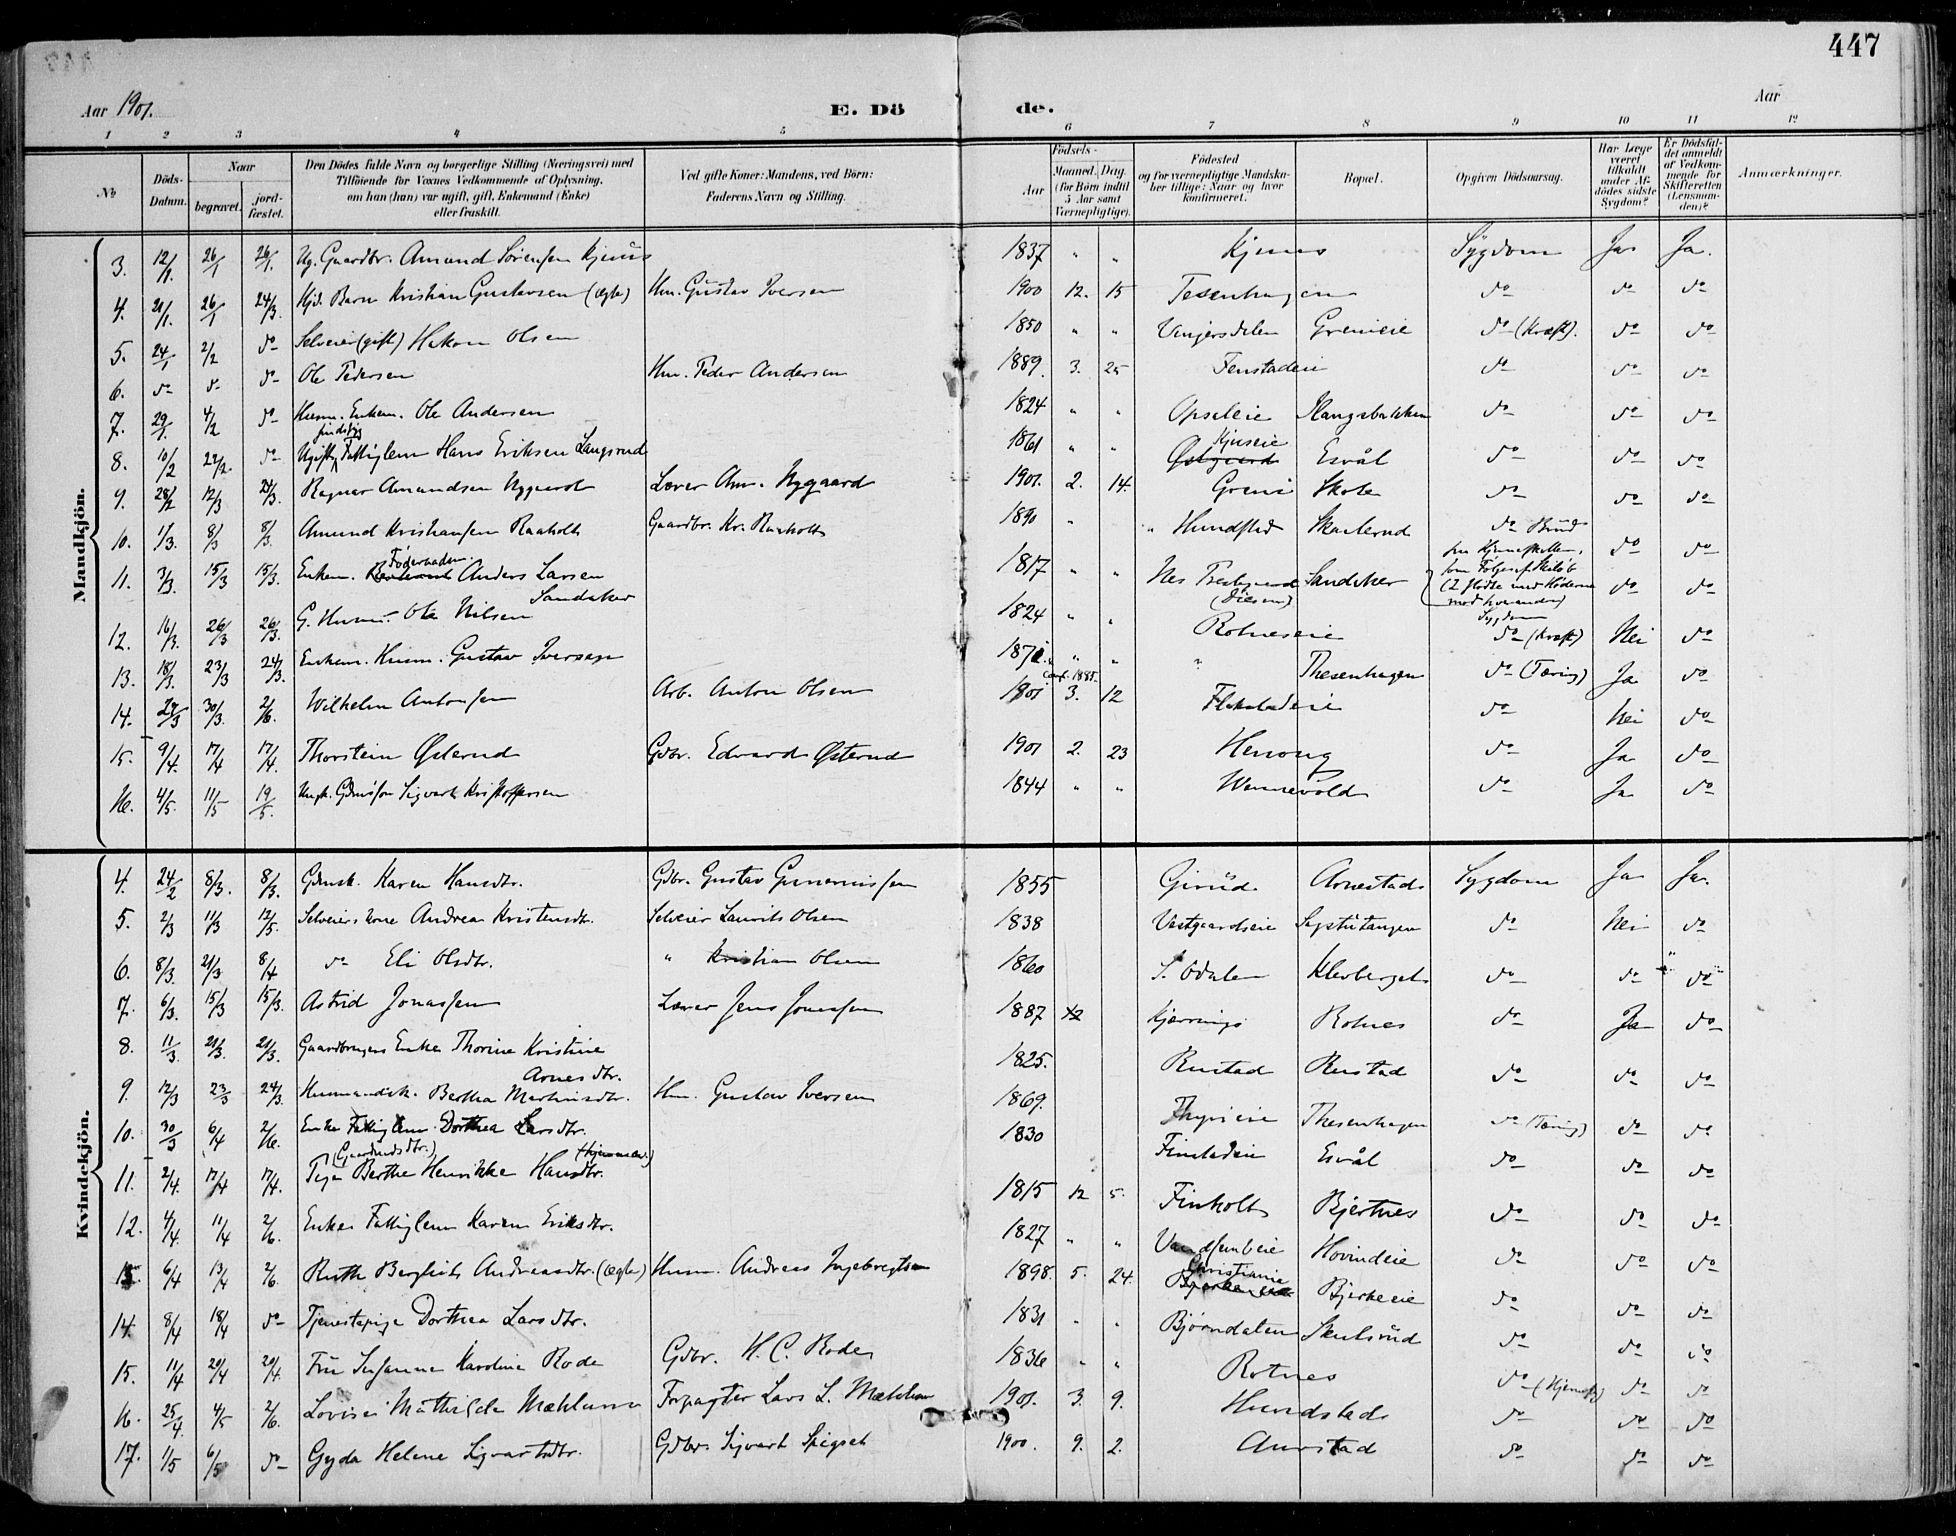 SAO, Nes prestekontor Kirkebøker, F/Fa/L0011: Ministerialbok nr. I 11, 1899-1918, s. 447